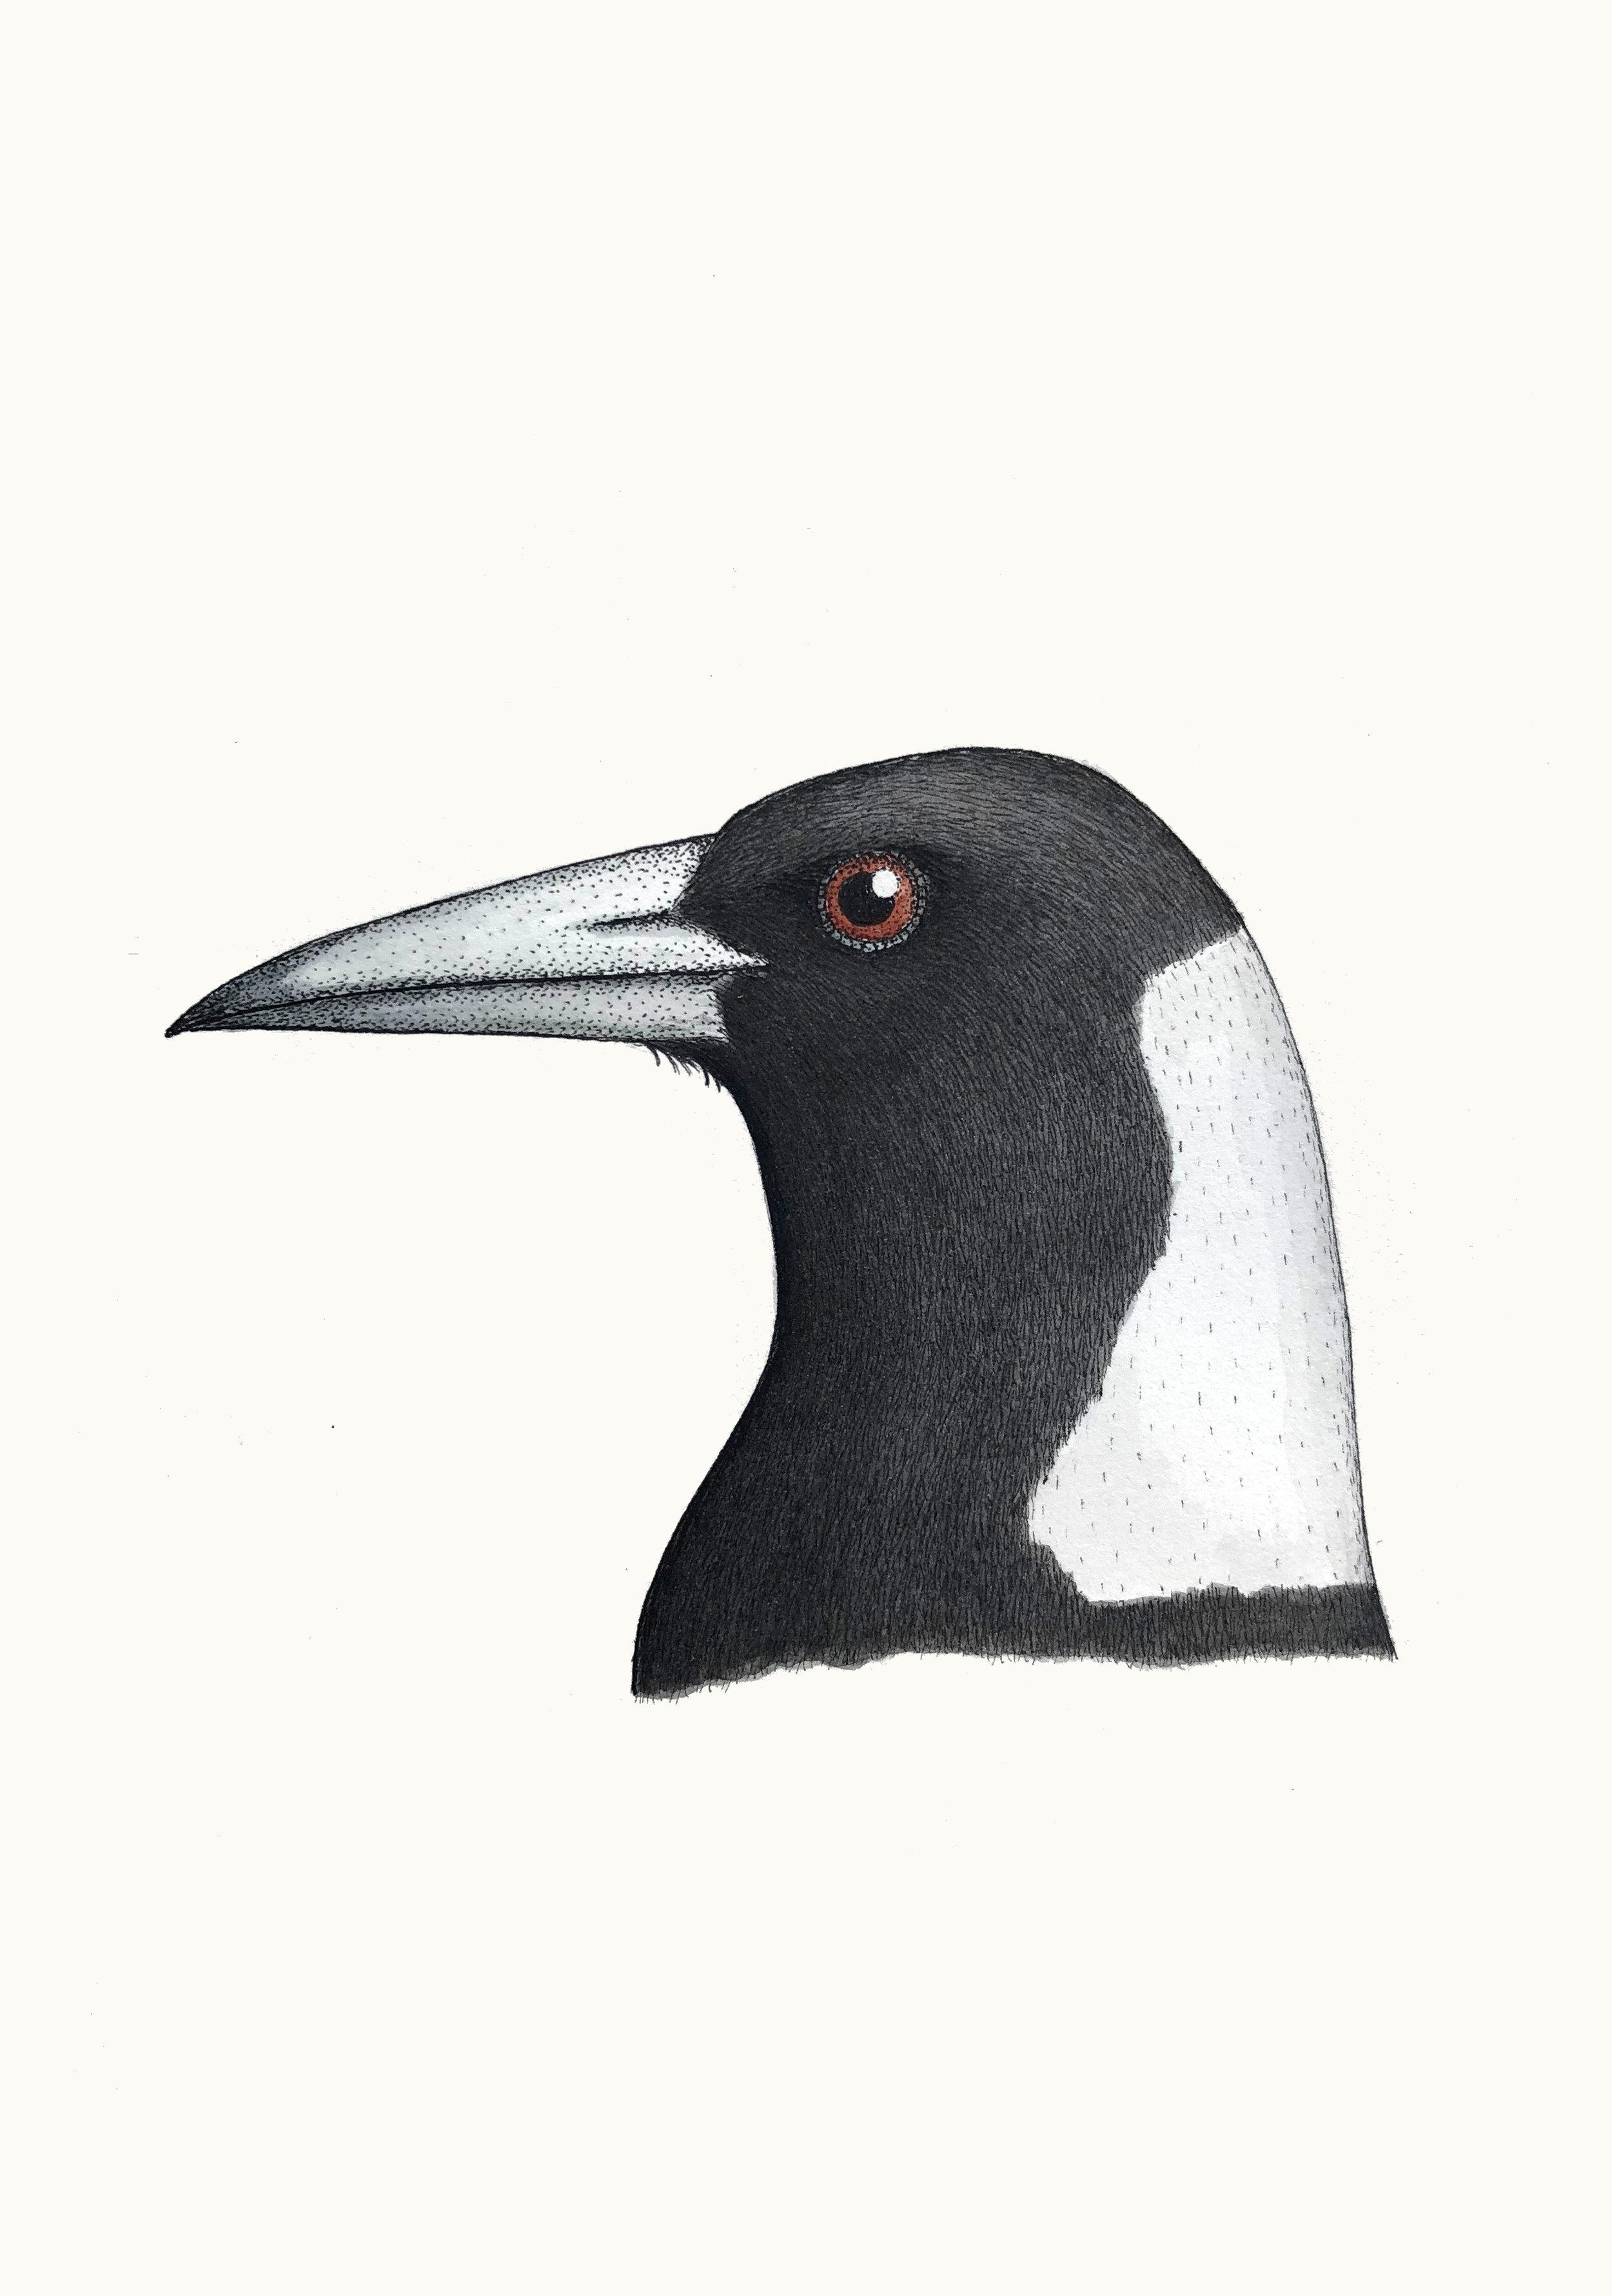 'Portrait of an Australian Magpie'